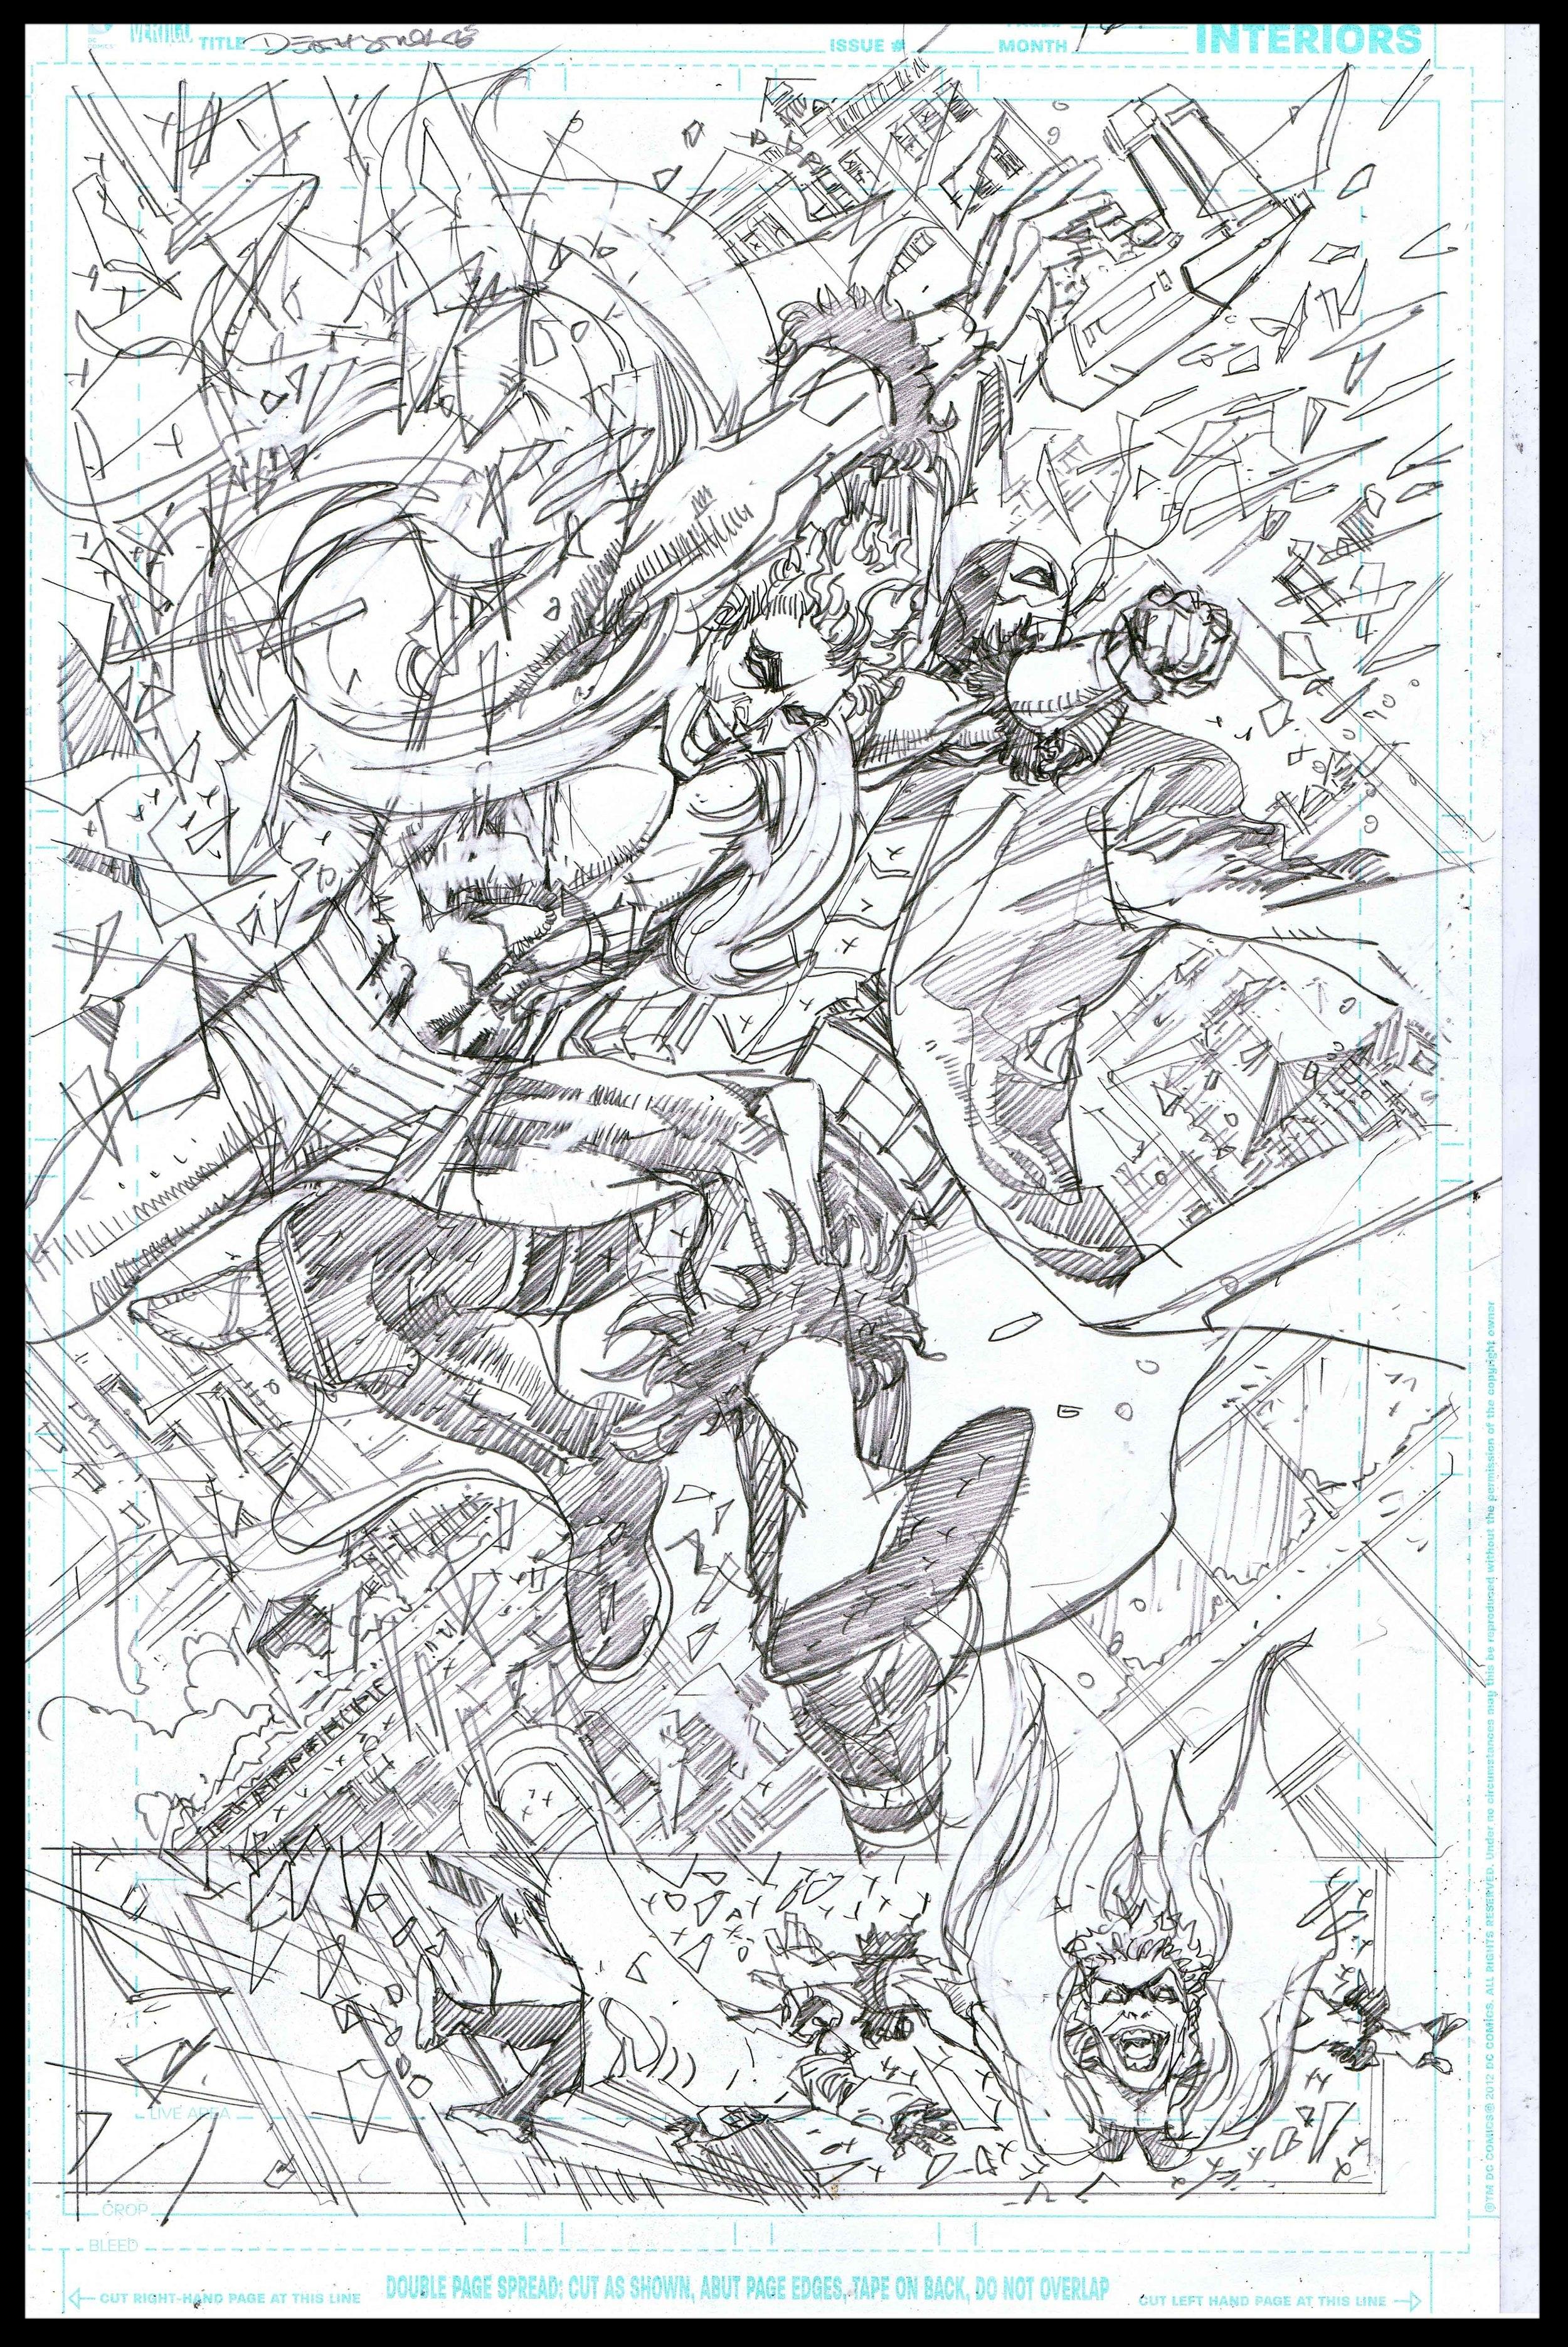 Deathstroke #11 - Page 16 - Pencils